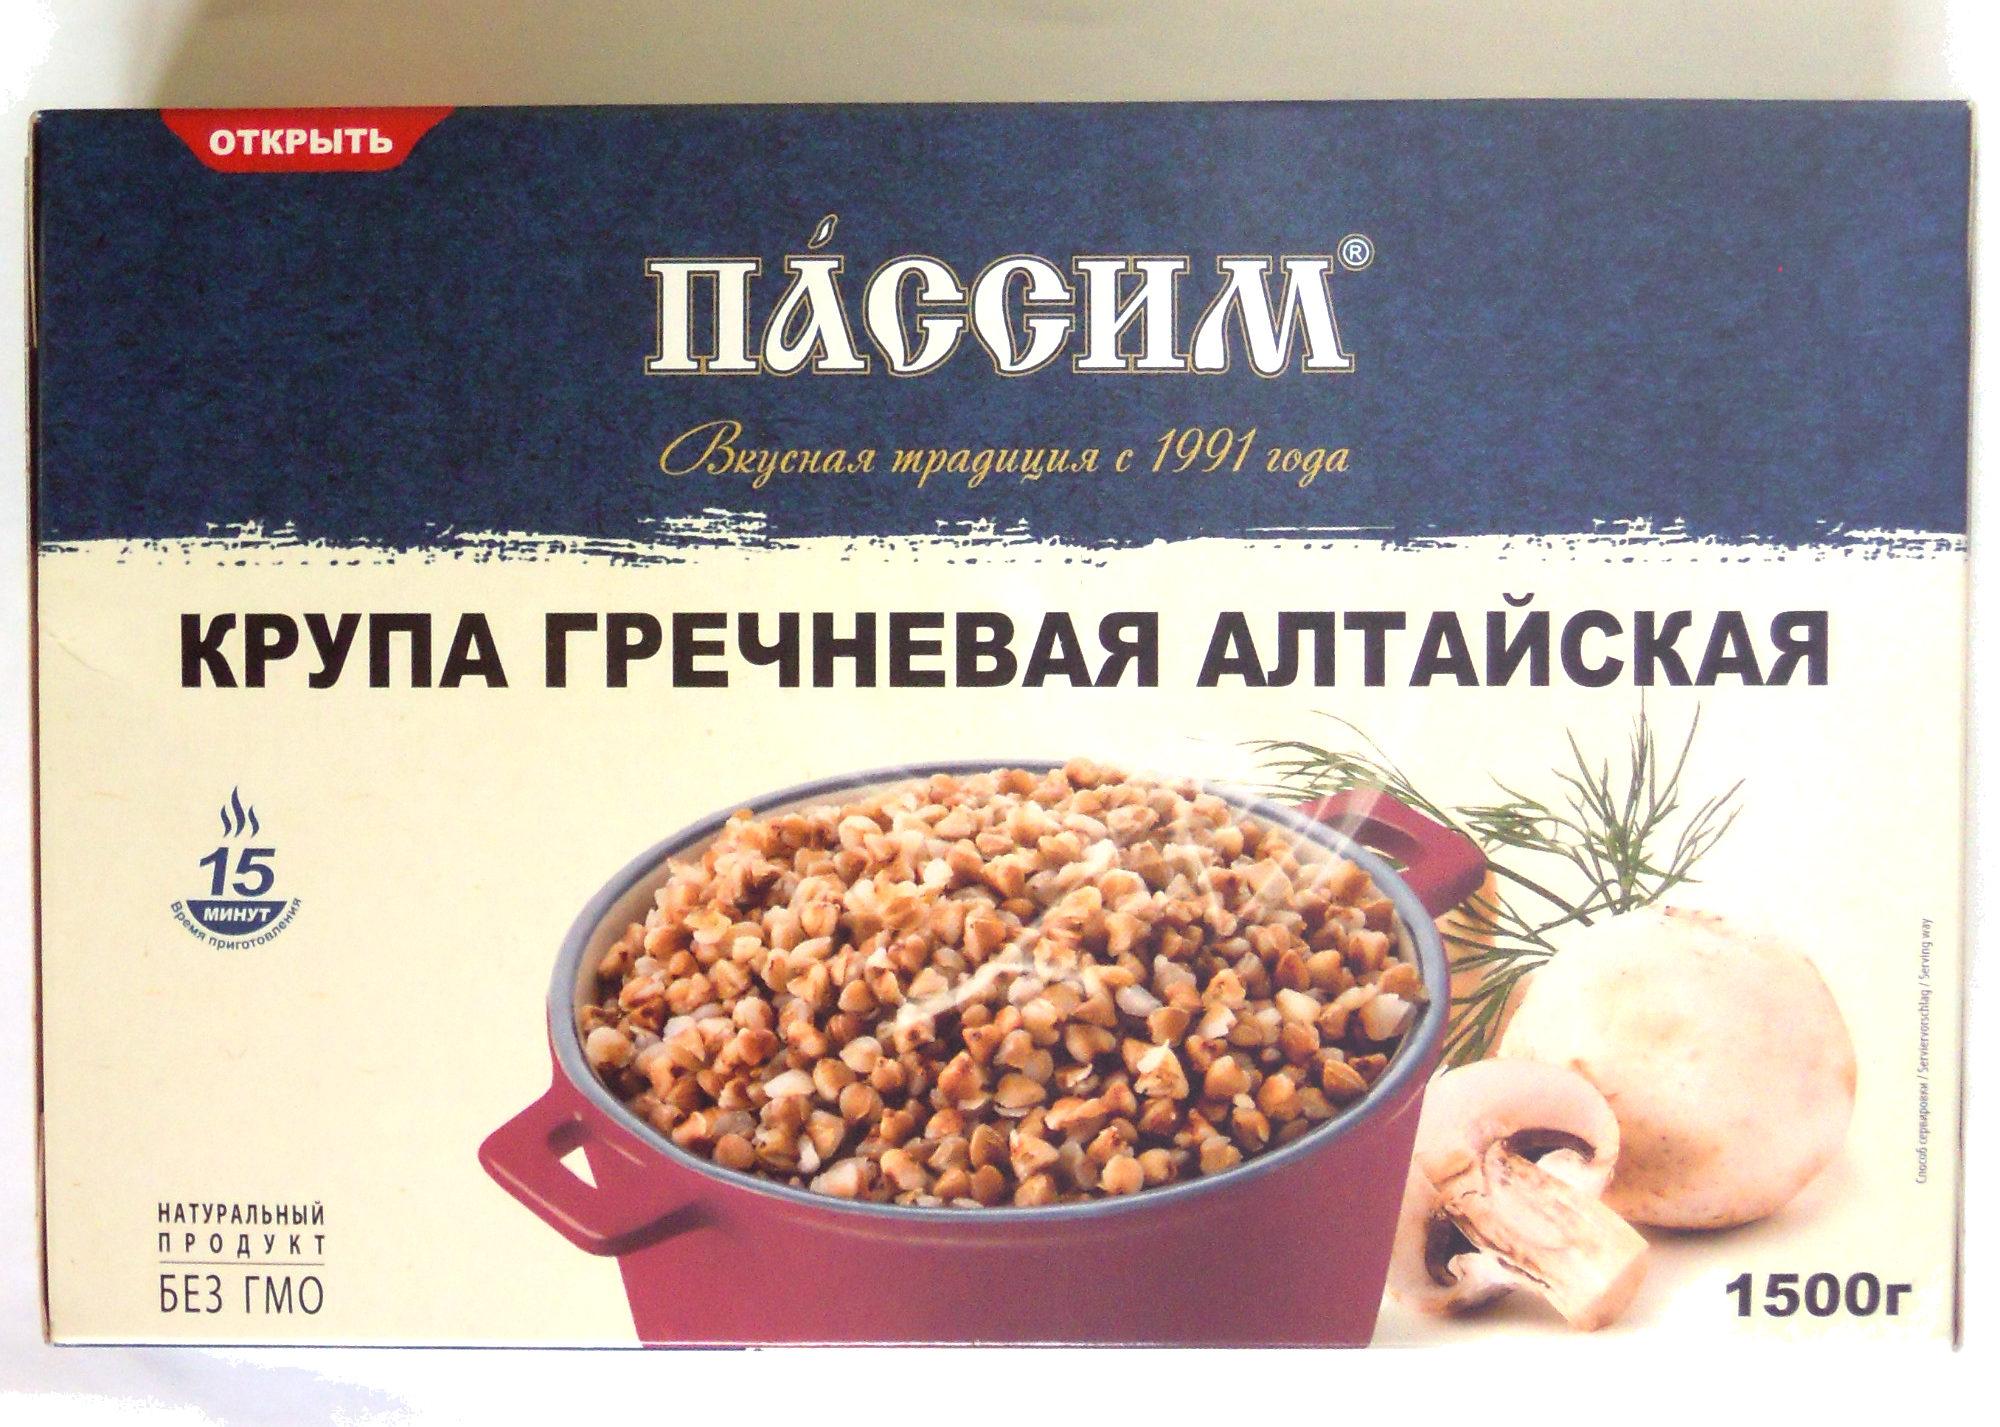 Крупа гречневая алтайская - Product - ru